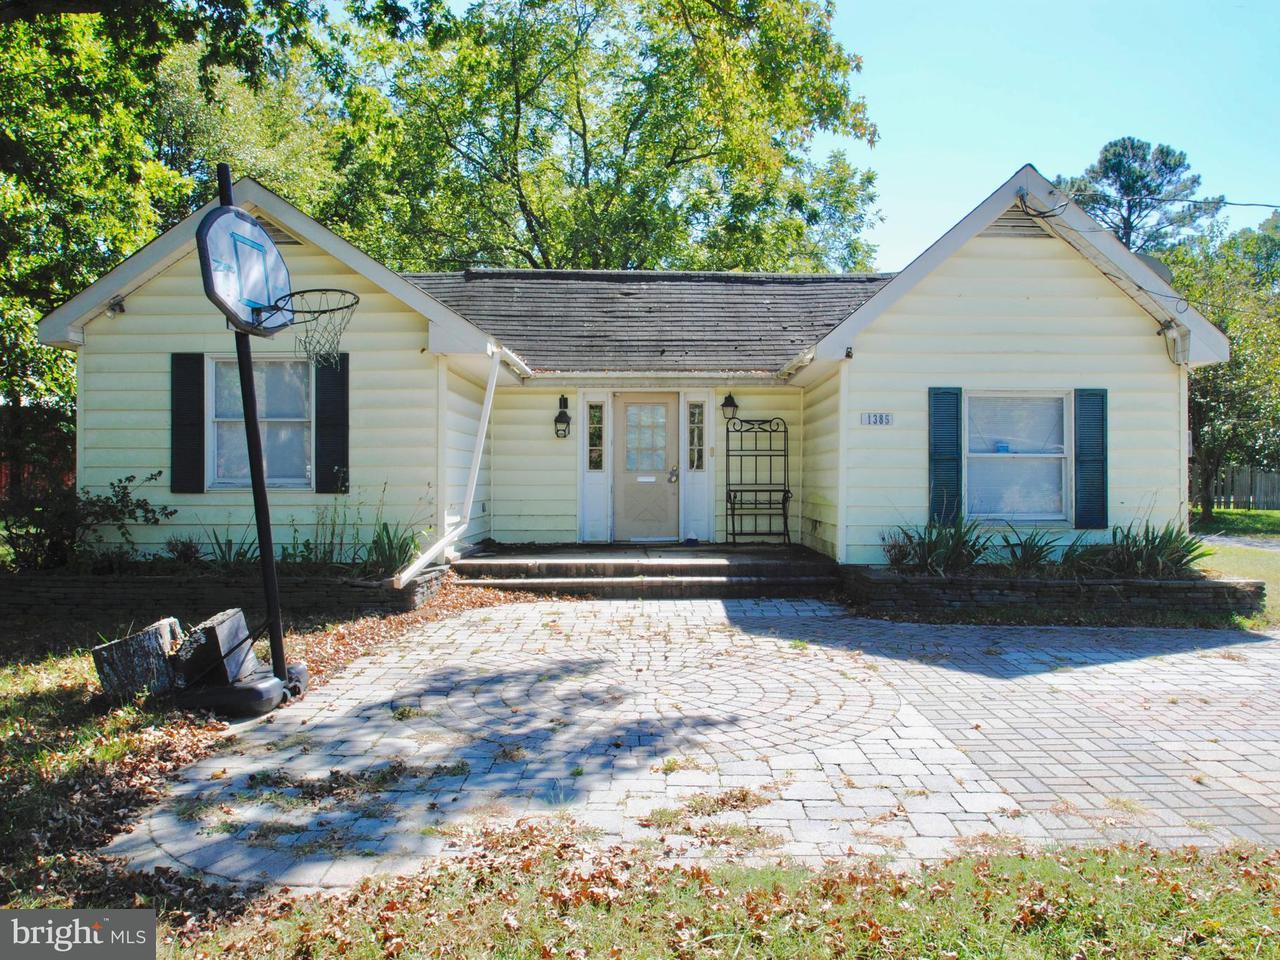 Casa Unifamiliar por un Venta en 1387 Defense Hwy 1387 Defense Hwy Gambrills, Maryland 21054 Estados Unidos